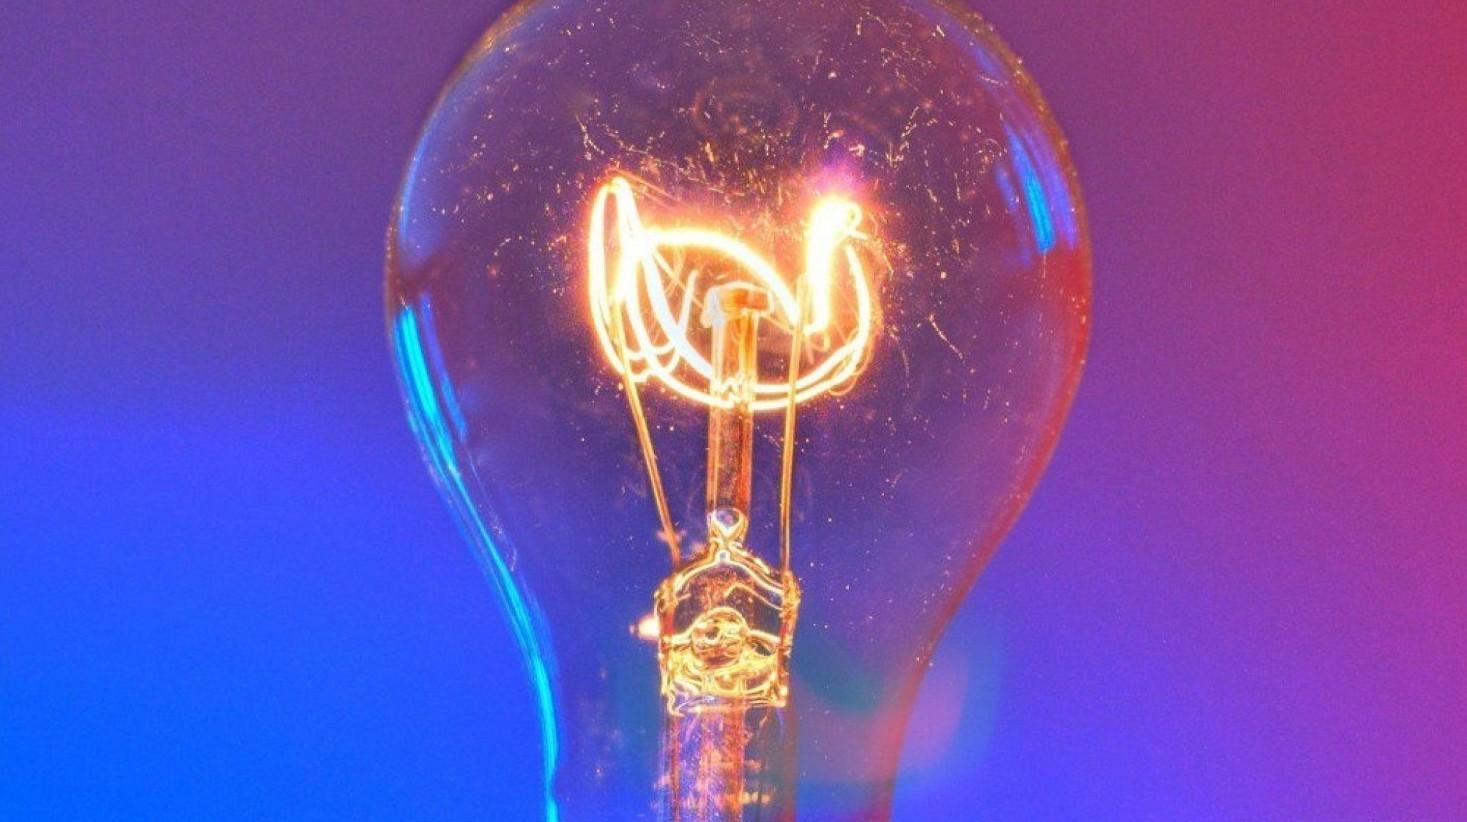 Rimborsi interruzione energia elettrica o problemi 2019-2020. A chi spettano, quando